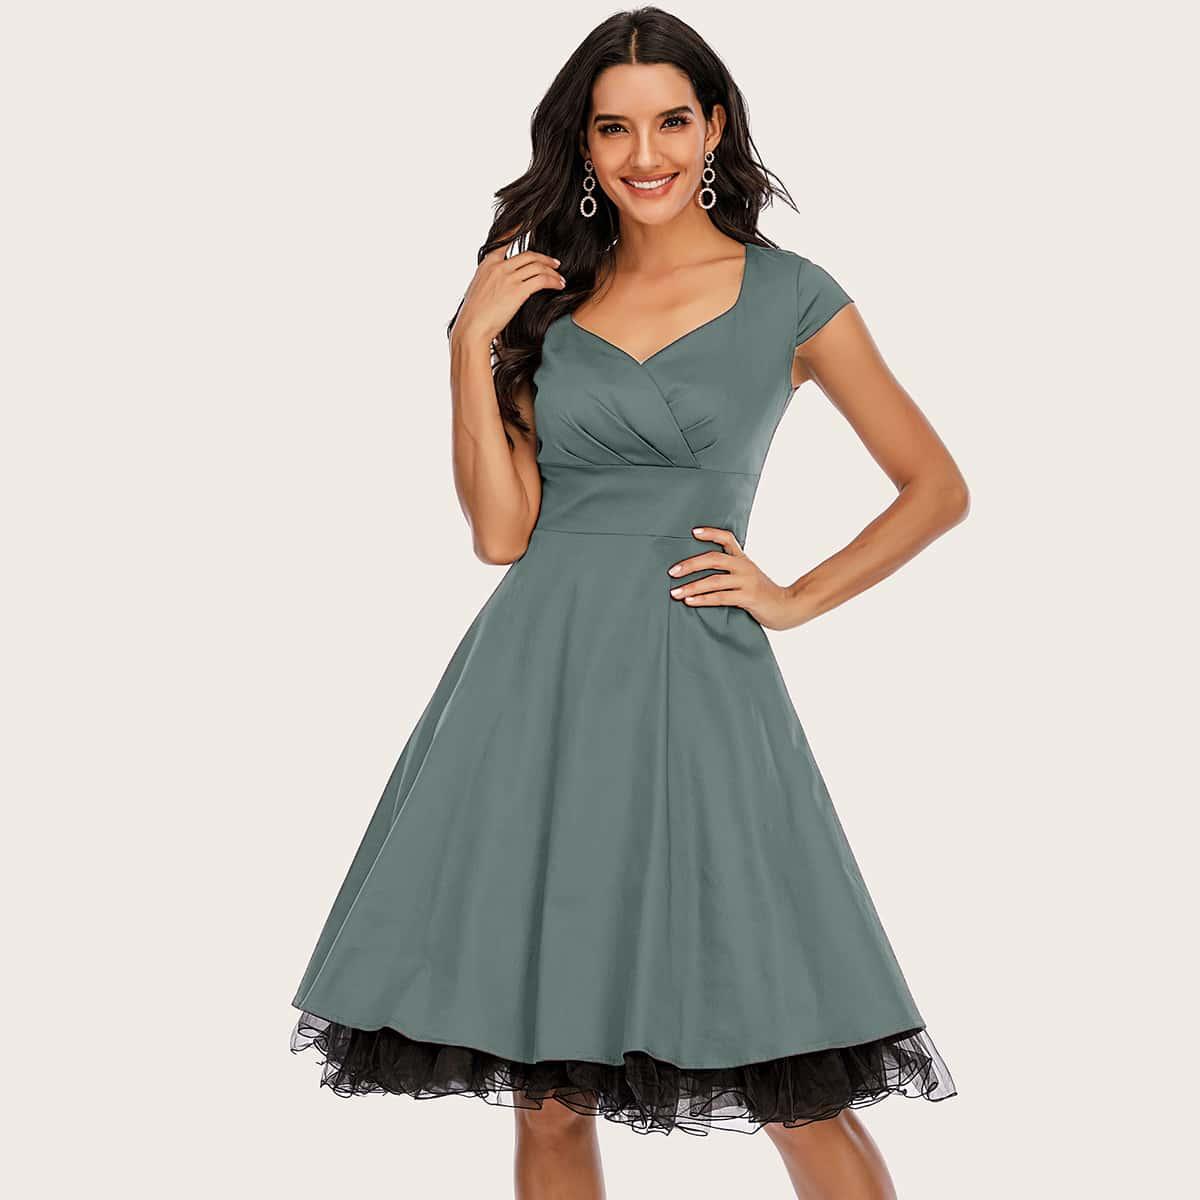 Платье с воротником-сердечком без нижней юбки